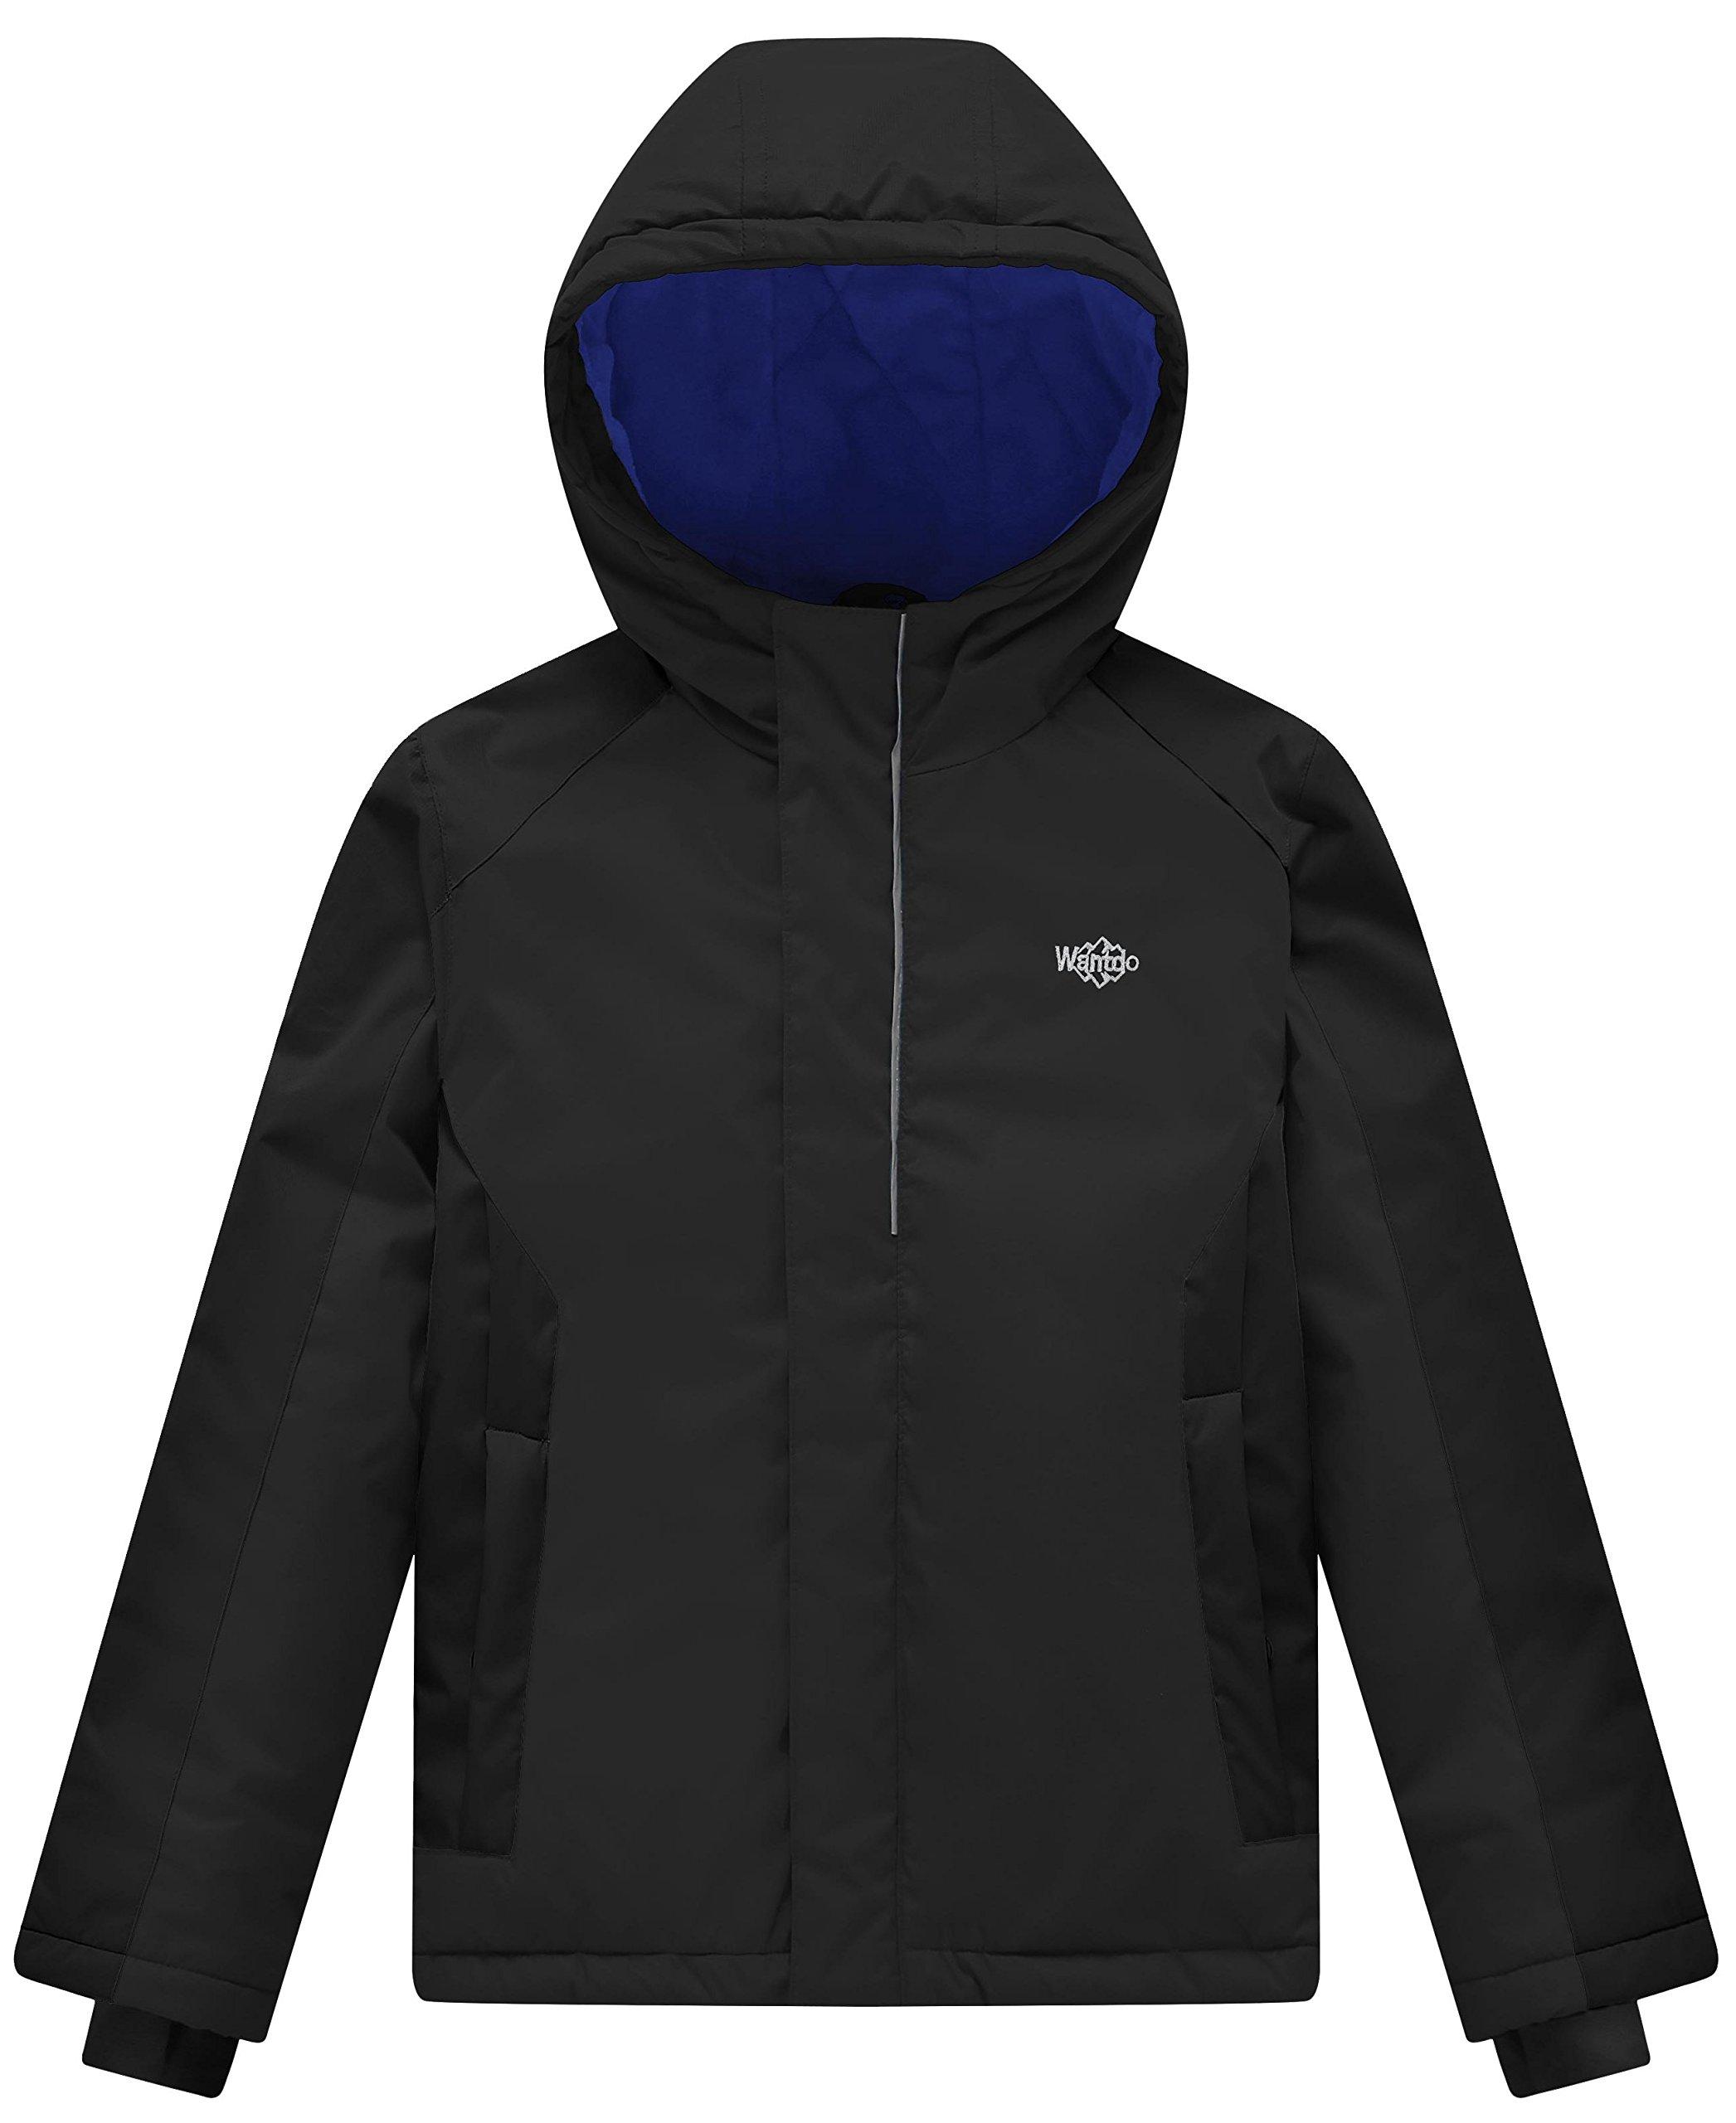 Wantdo Boy's Waterproof Quilted Ski Jacket Cotton Padded Coat Hooded Rain Wear(Black, 8)